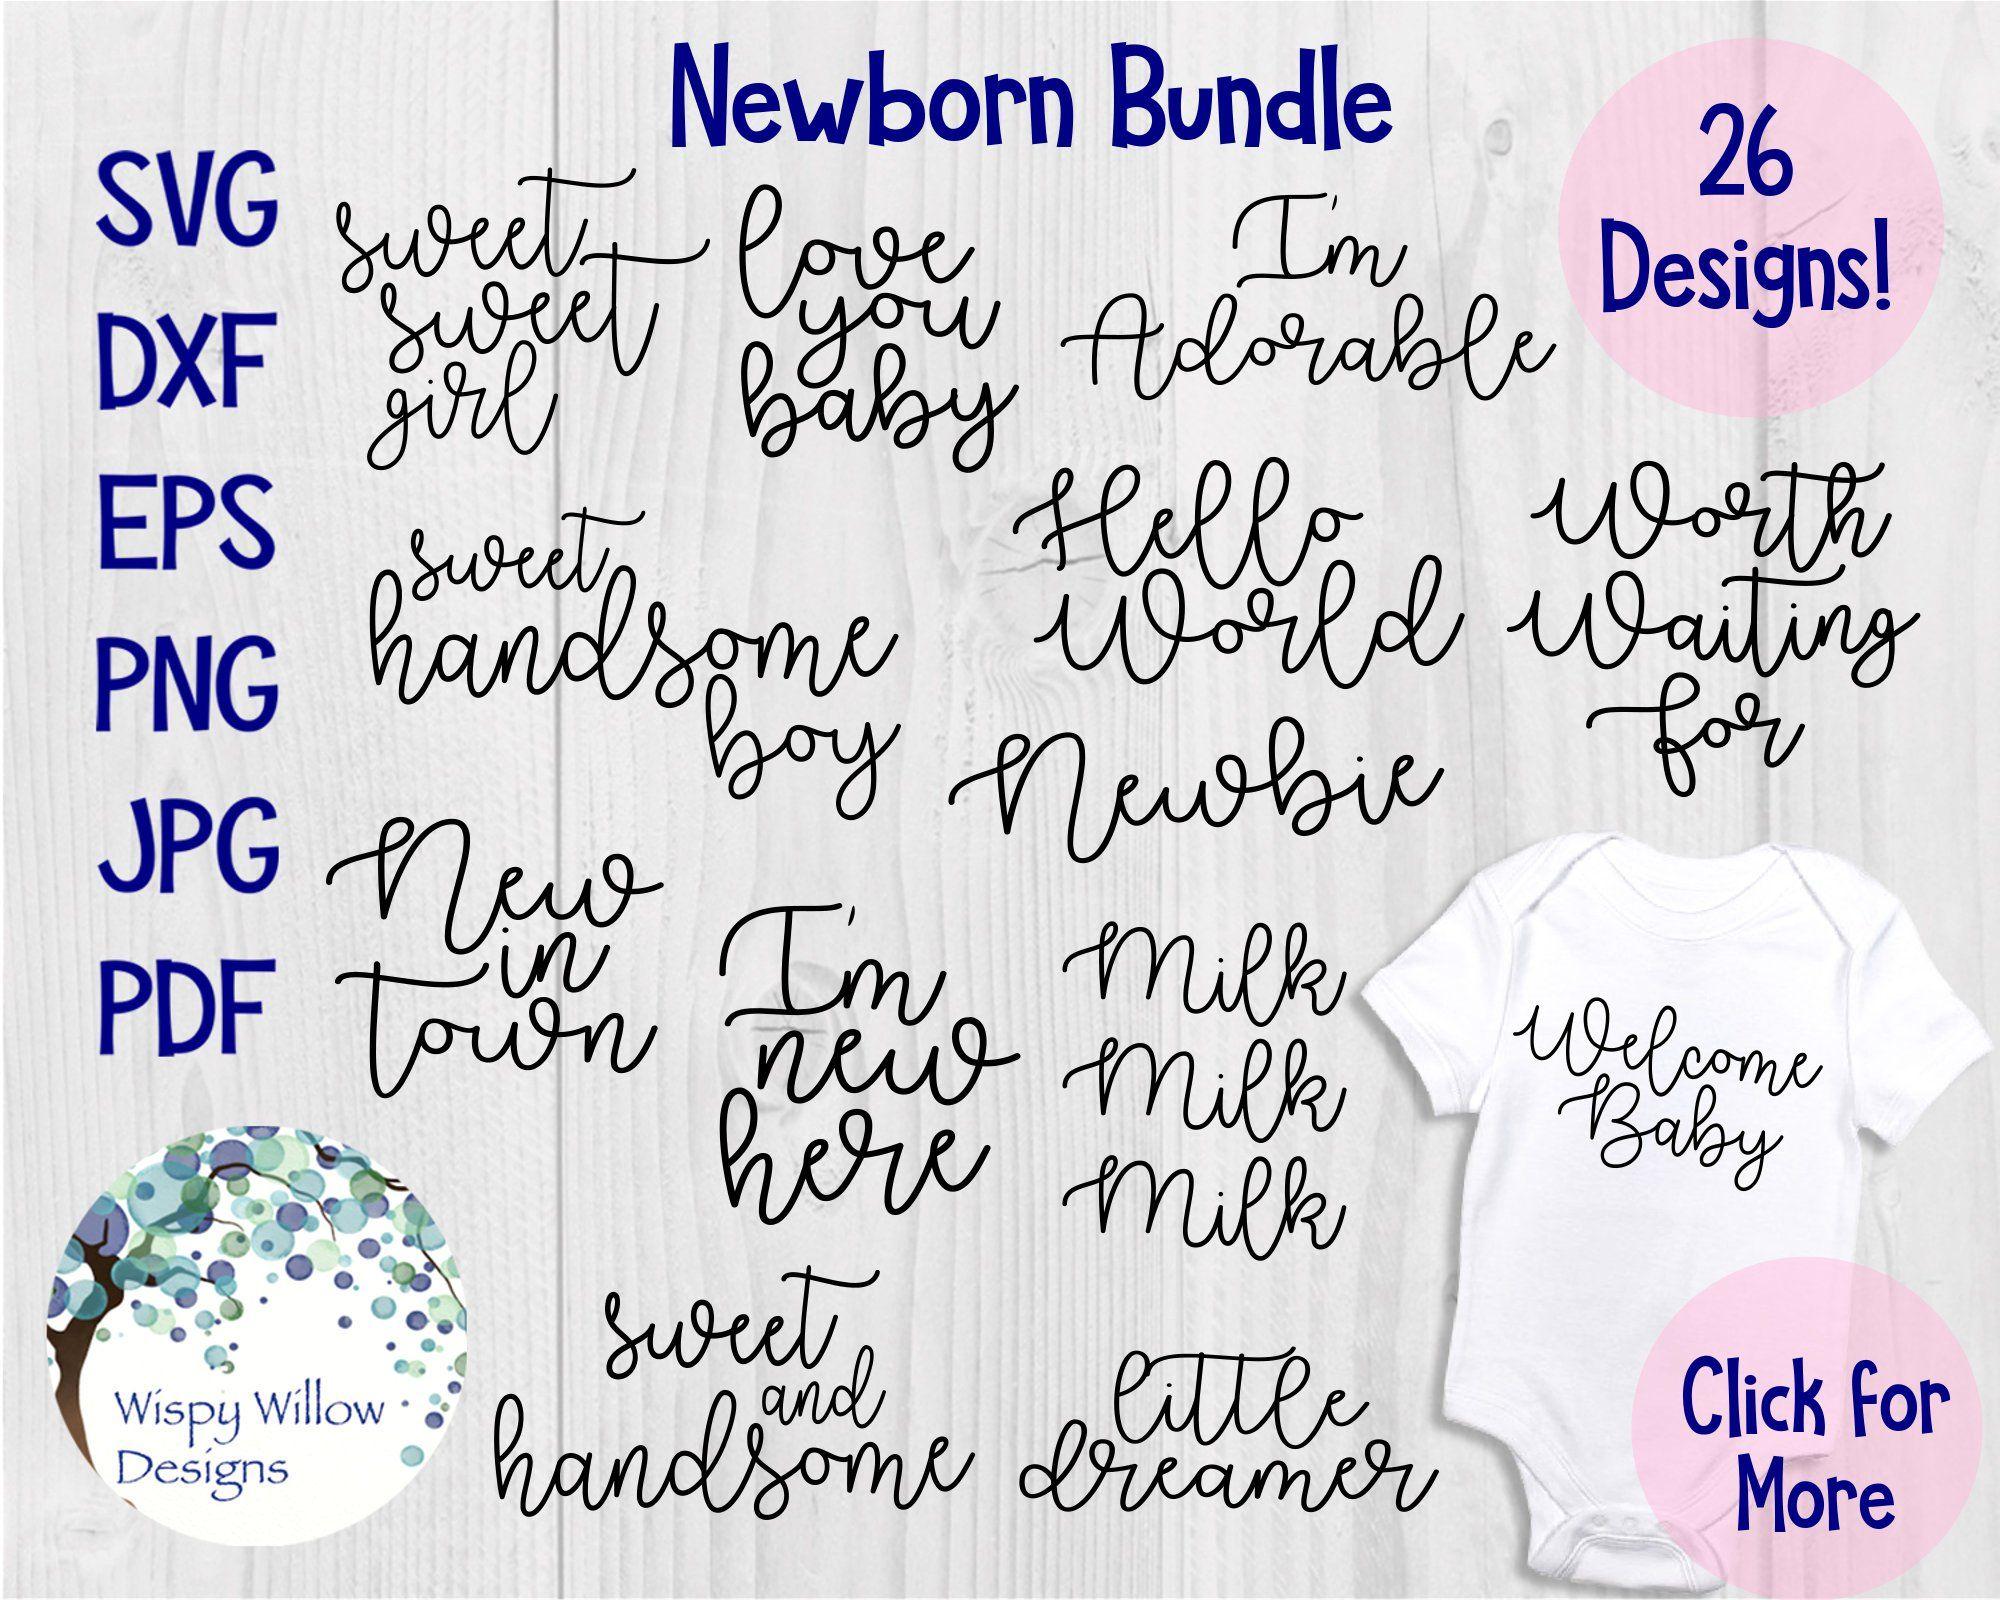 Newborn Baby Bundle Svg Dxf Png Jpeg Eps Infant Etsy Baby Svg Svg Baby Bundles